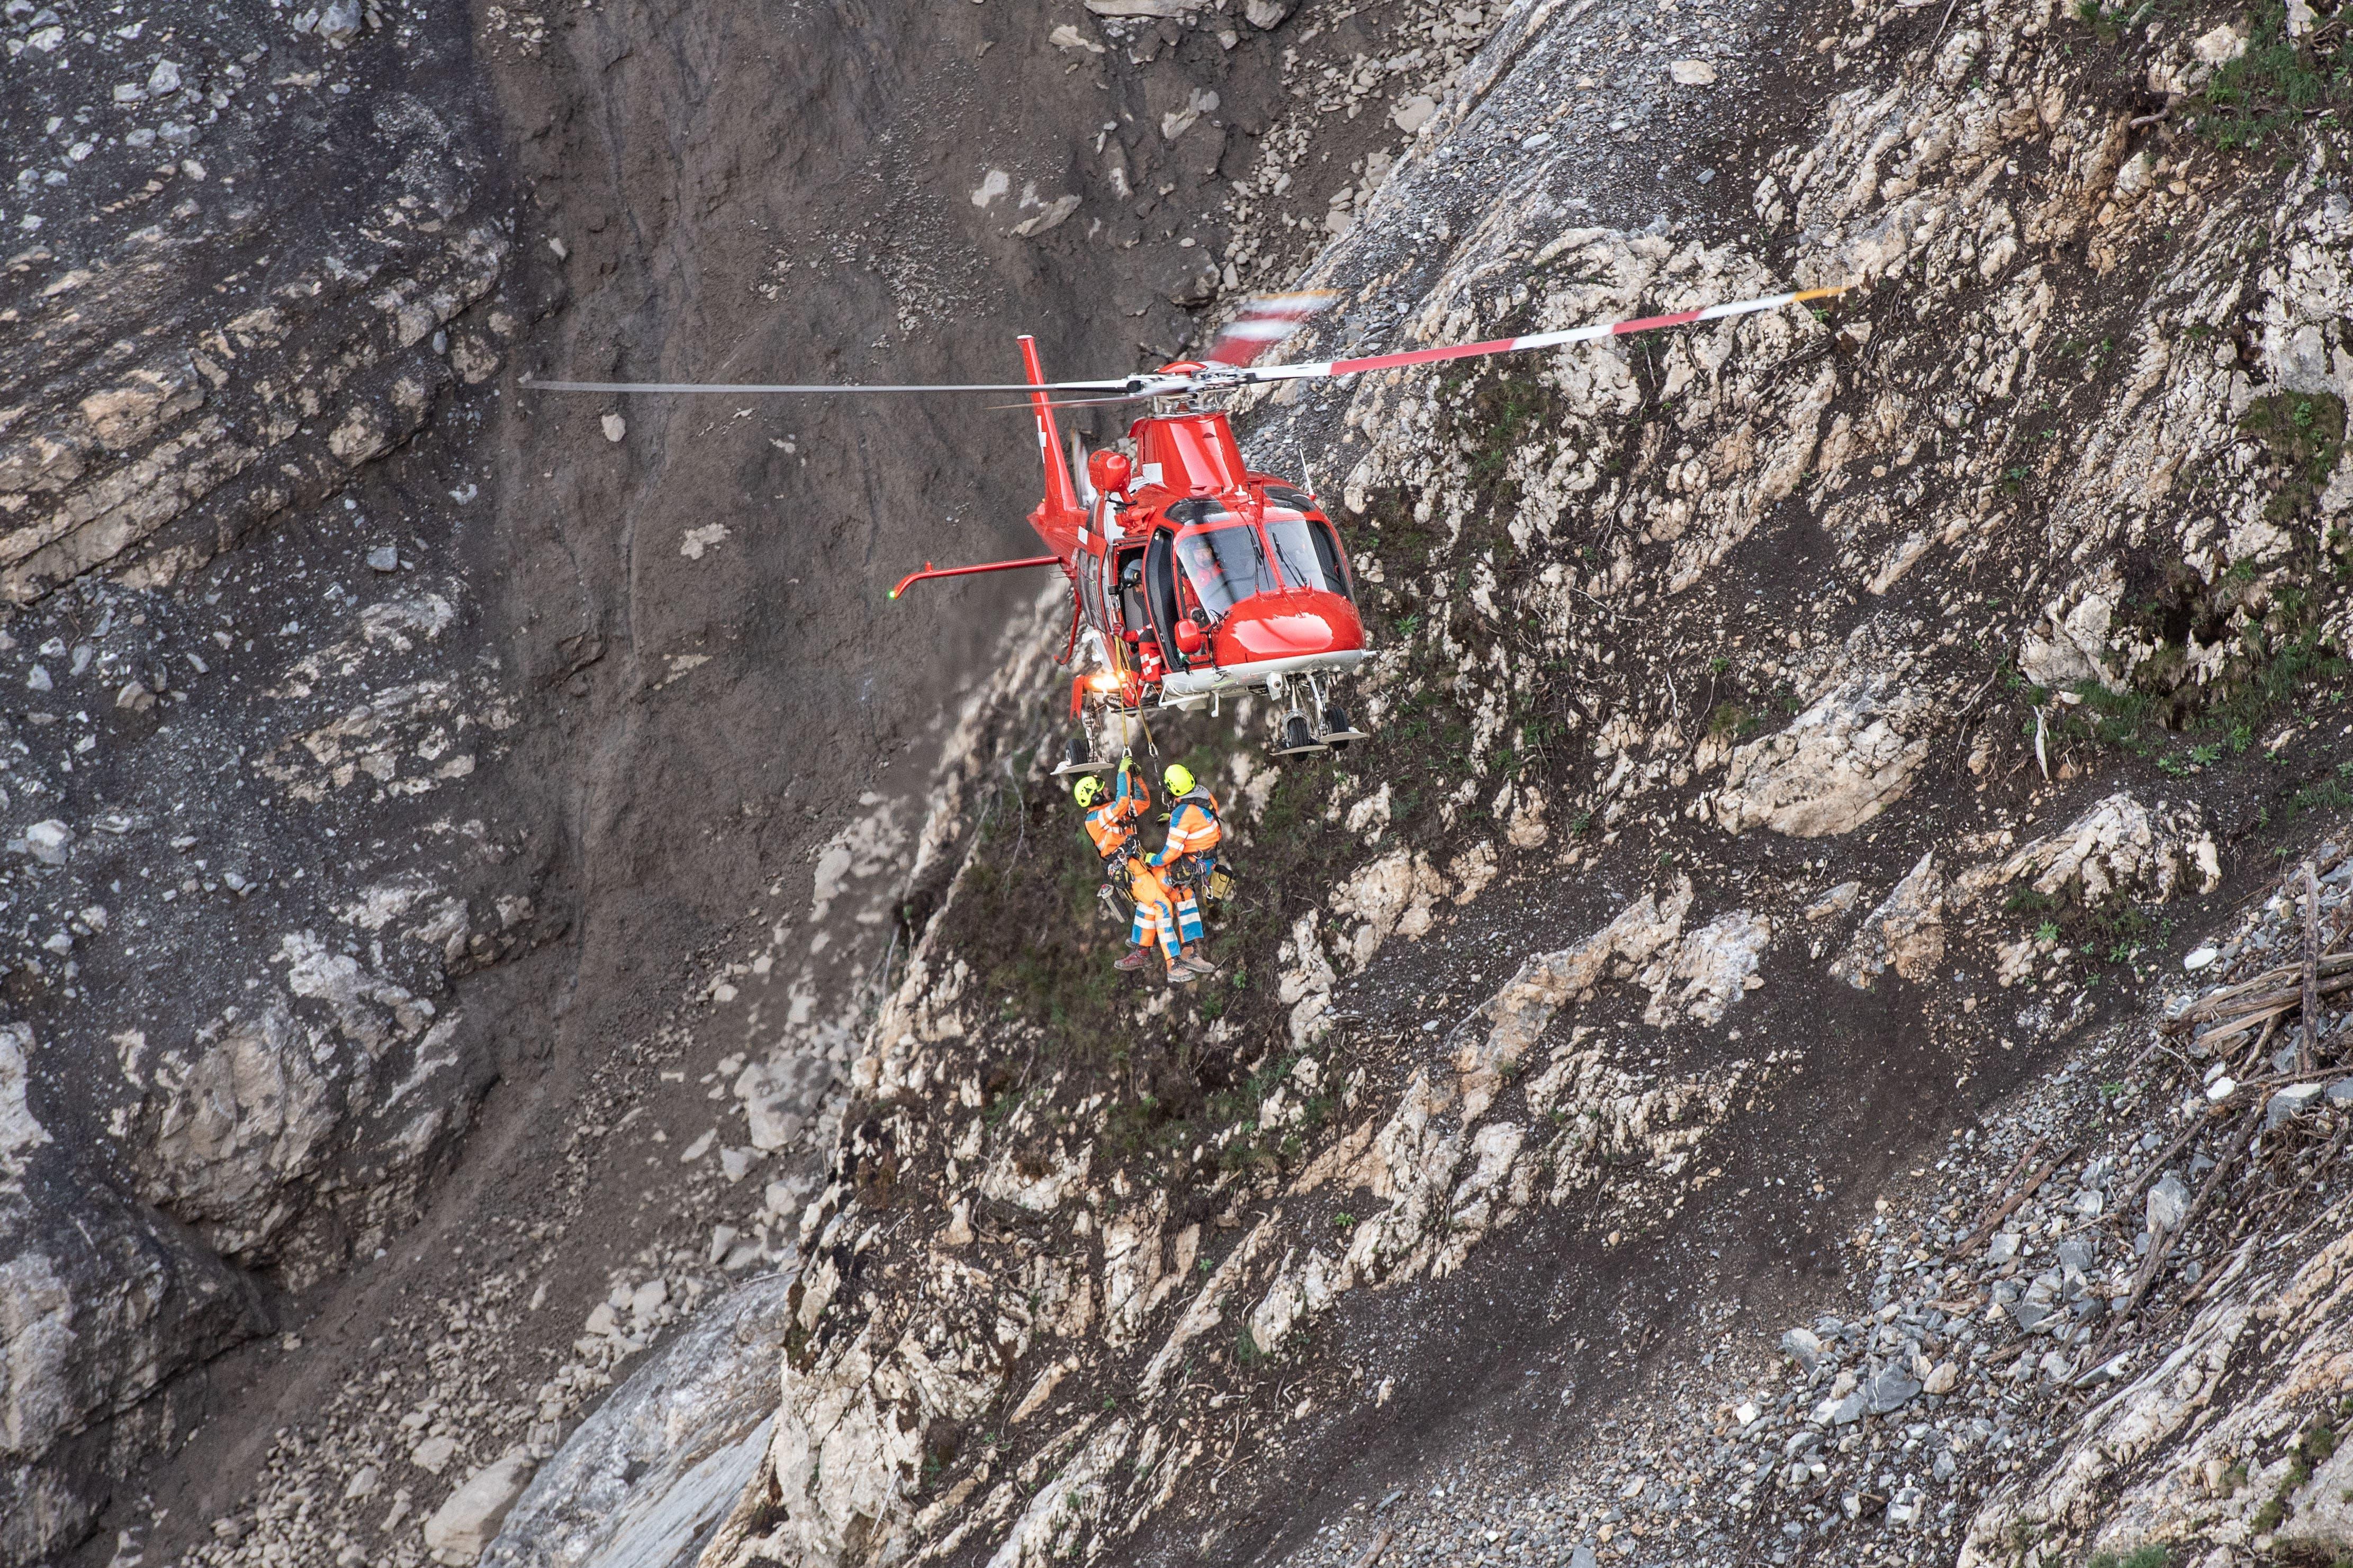 Die Bohrungen an den Felsblöcken müssen vom Helikopter aus am hängenden Seil vorgenommen werden. (Bild: Valentin Luthiger)